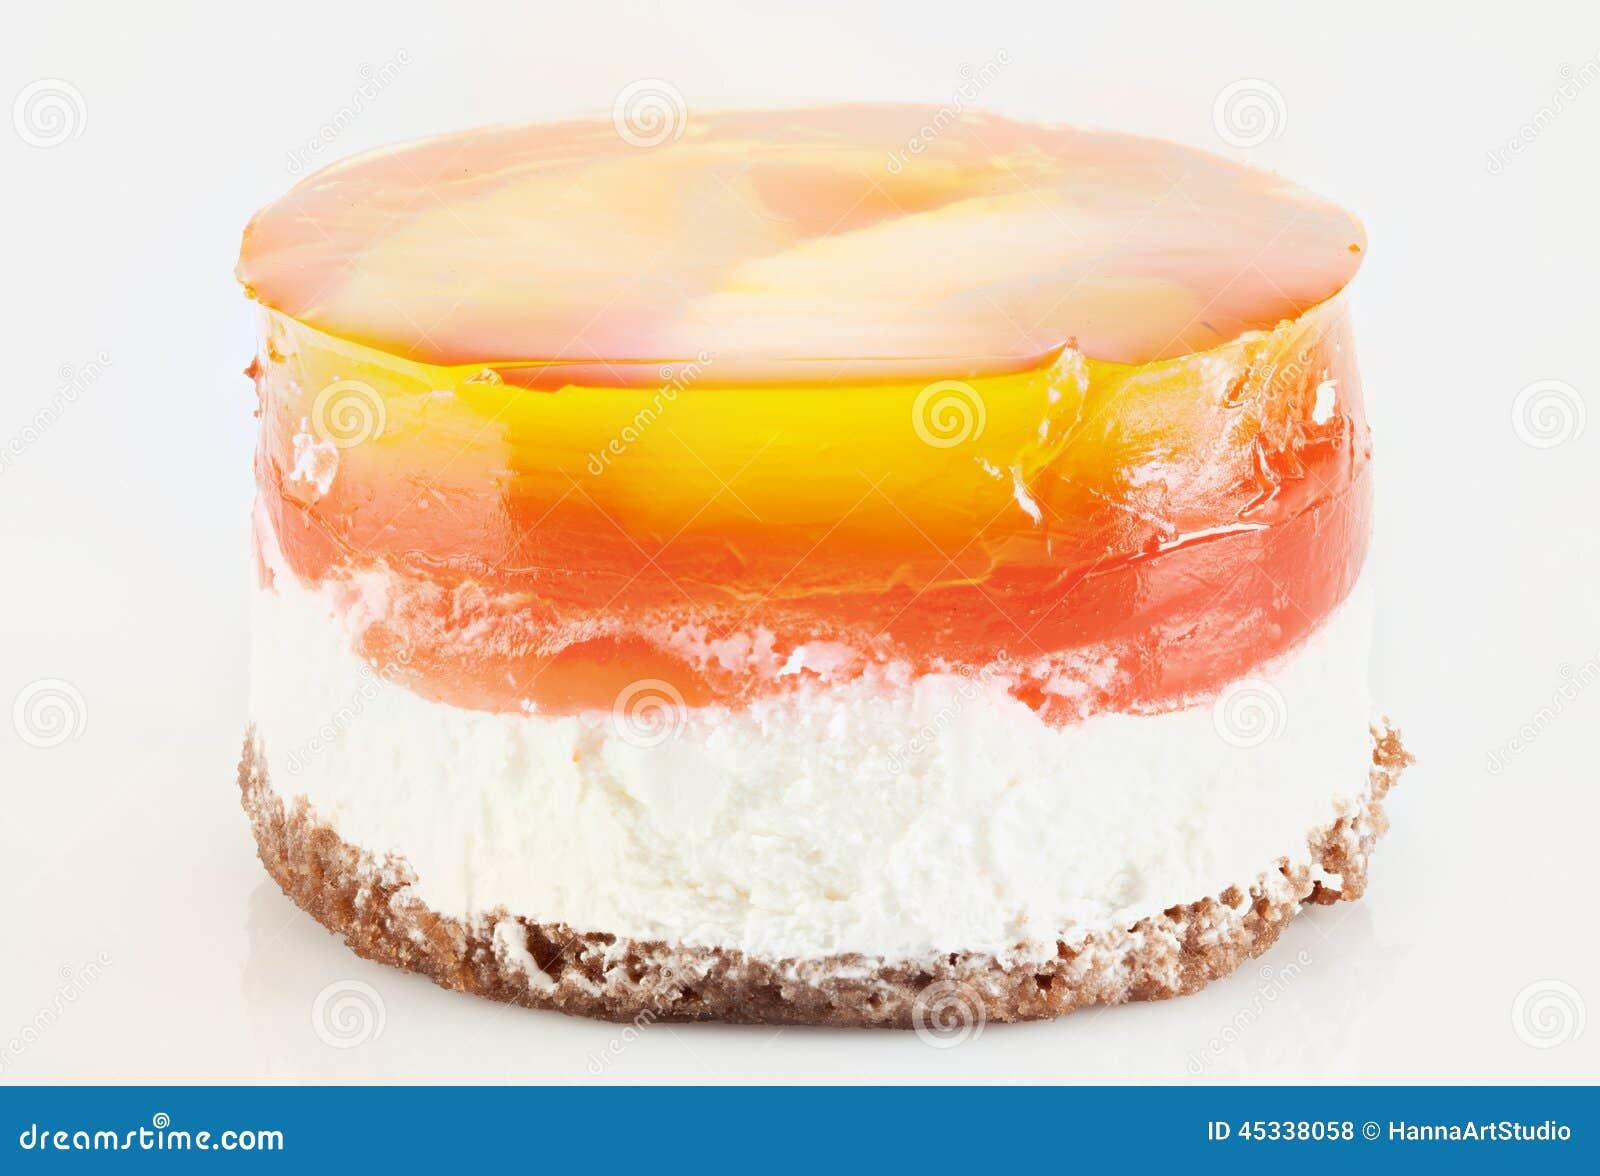 Cartoon Jelly Cake Recipe: Orange Jelly 1 Royalty-Free Stock Photography